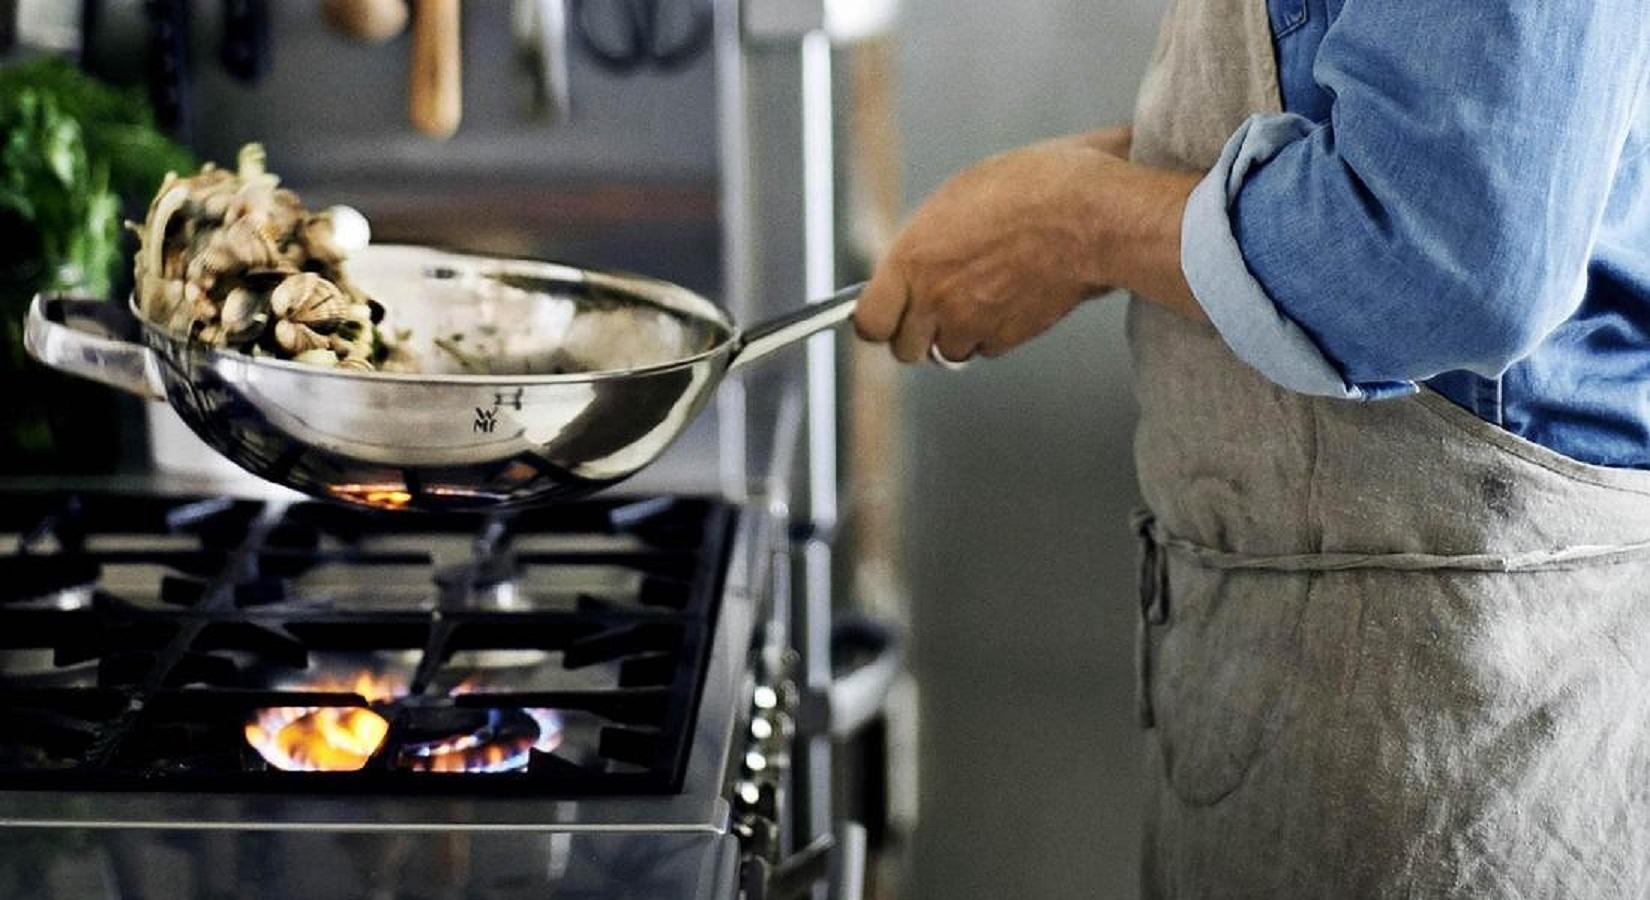 Mestoli e cucchiai di plastica in cucina: possibili rischi per la salute